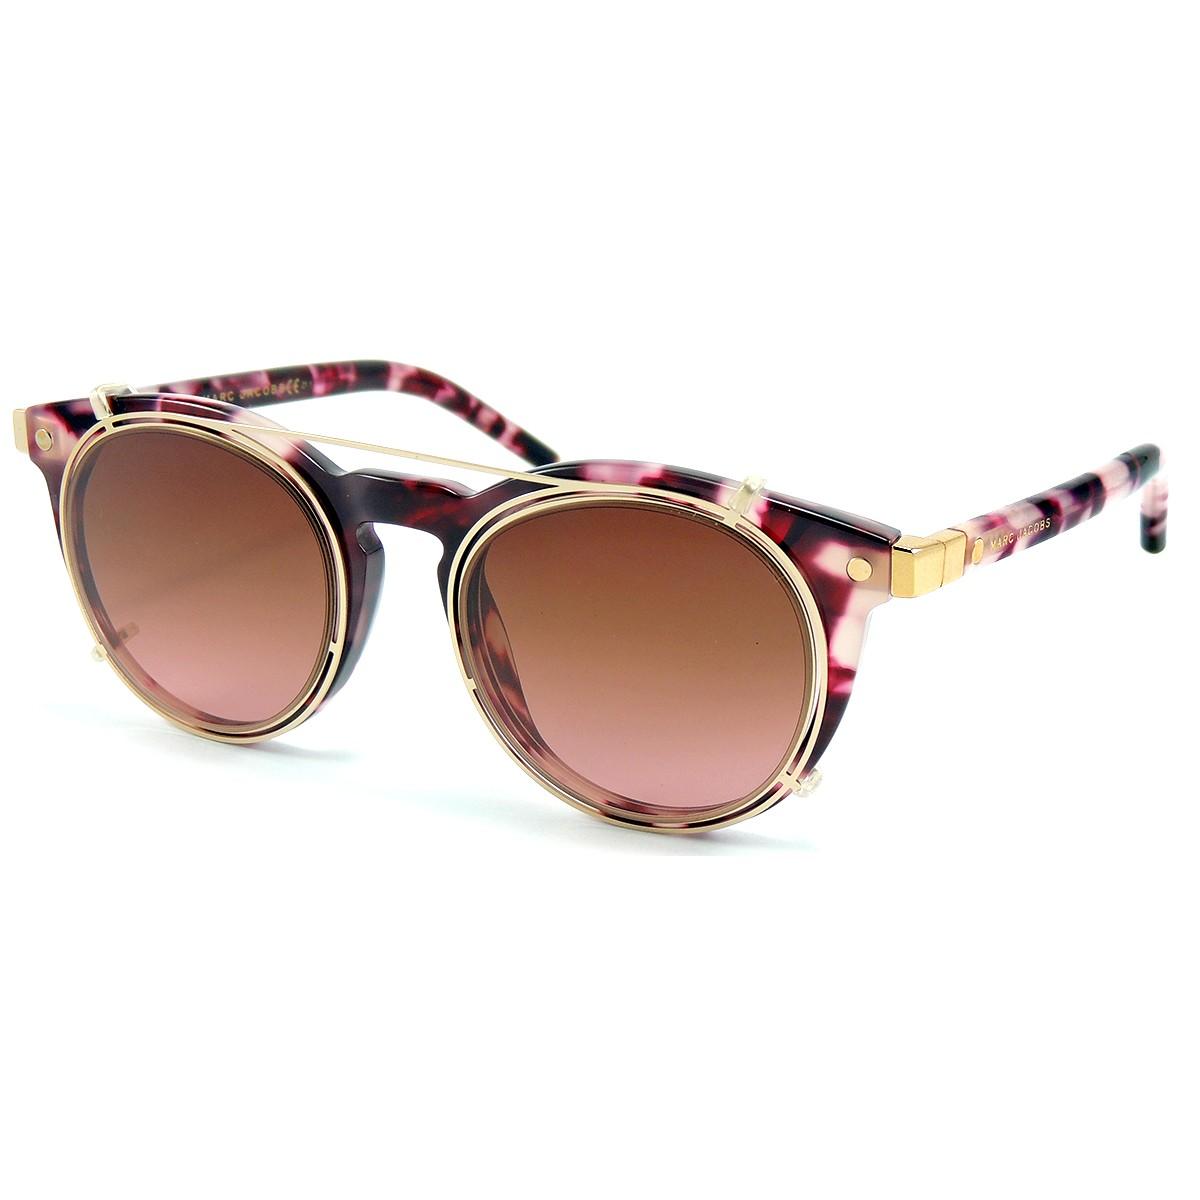 538f40175c9f2 Compre Óculos de Sol Marc Jacobs em 10X